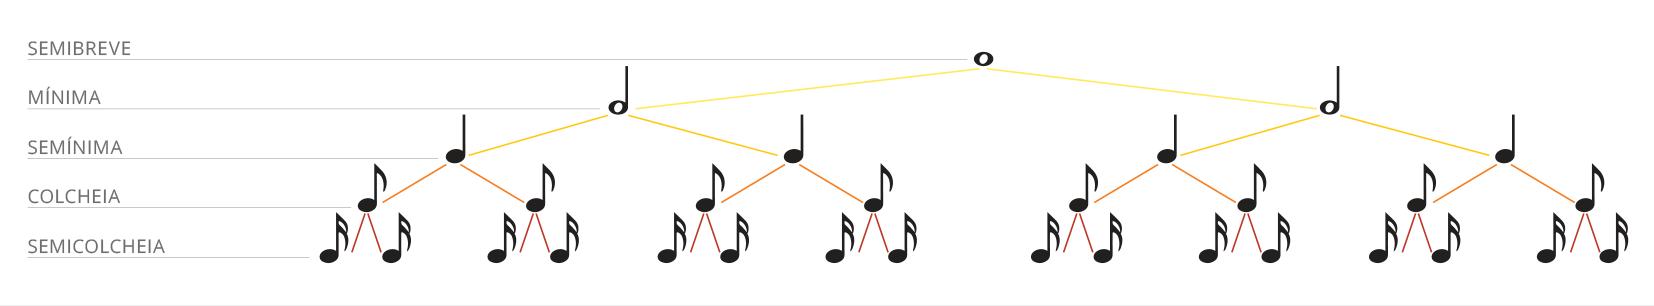 ilustração de partitura exemplificando a posição semibreve, mínima, semimínima, colcheia e semicolcheia.